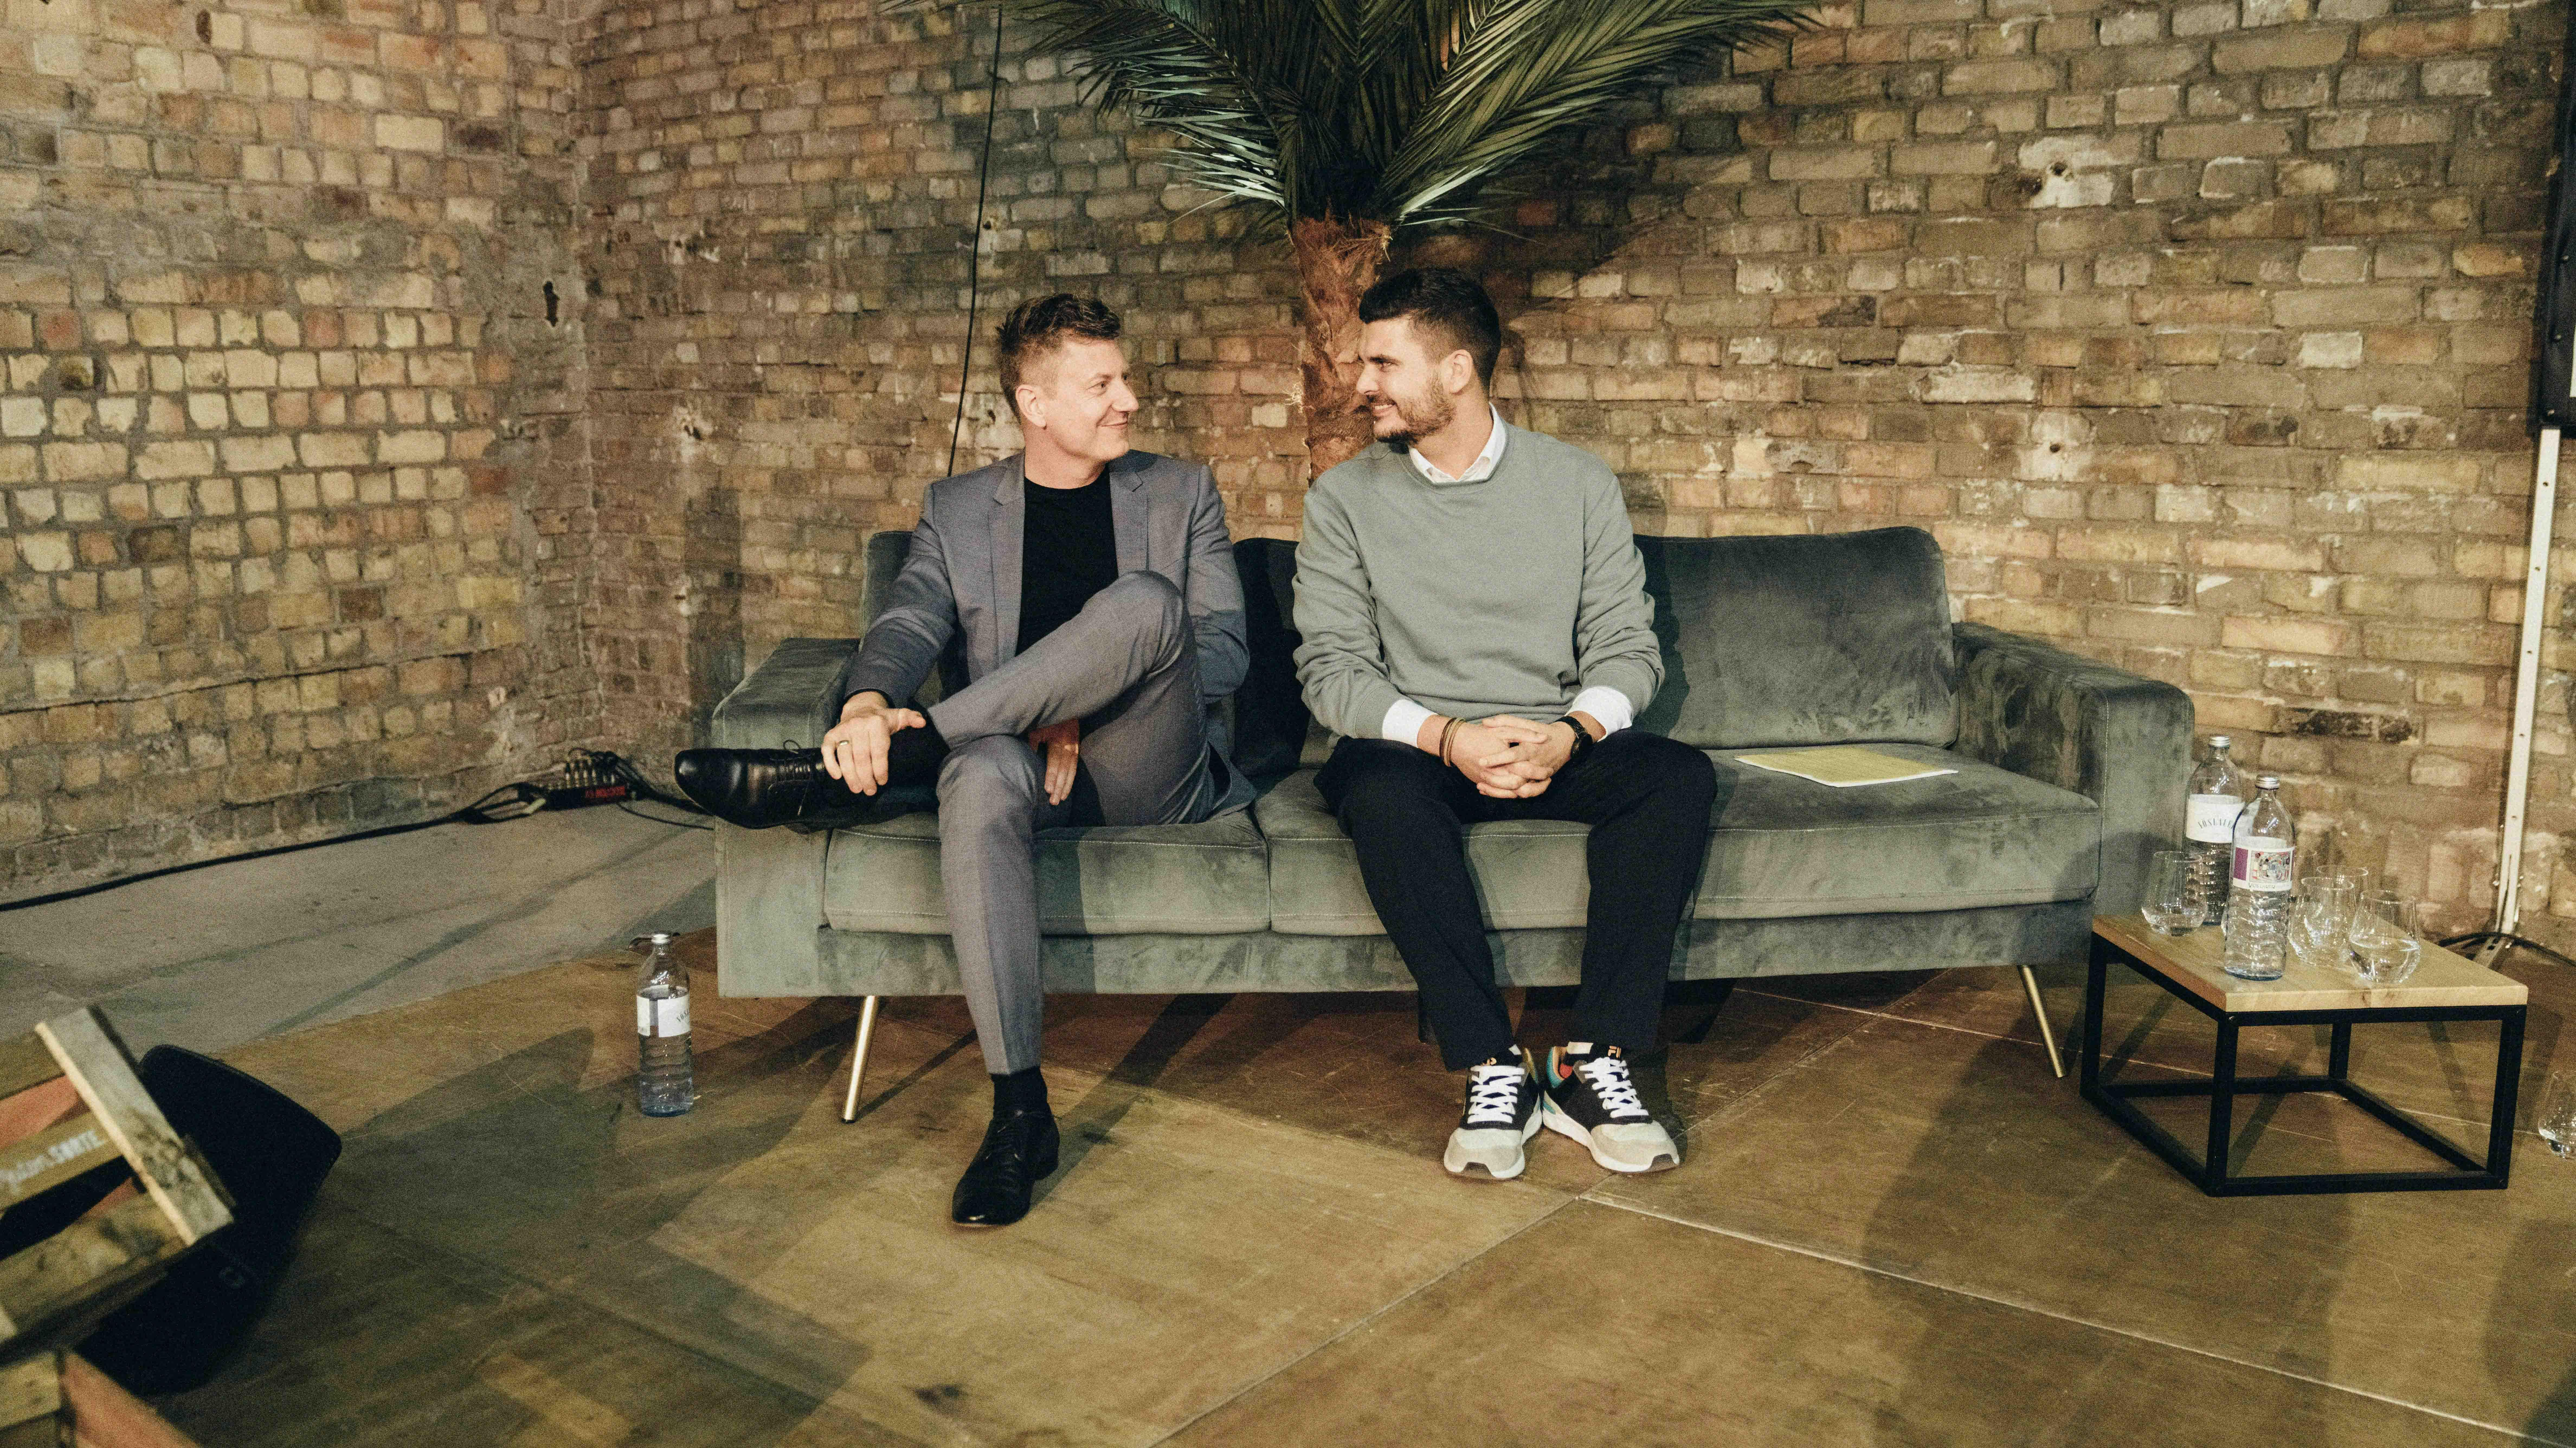 Nils Fortmann und Matthias Stubbe sitzen auf einer Couch.